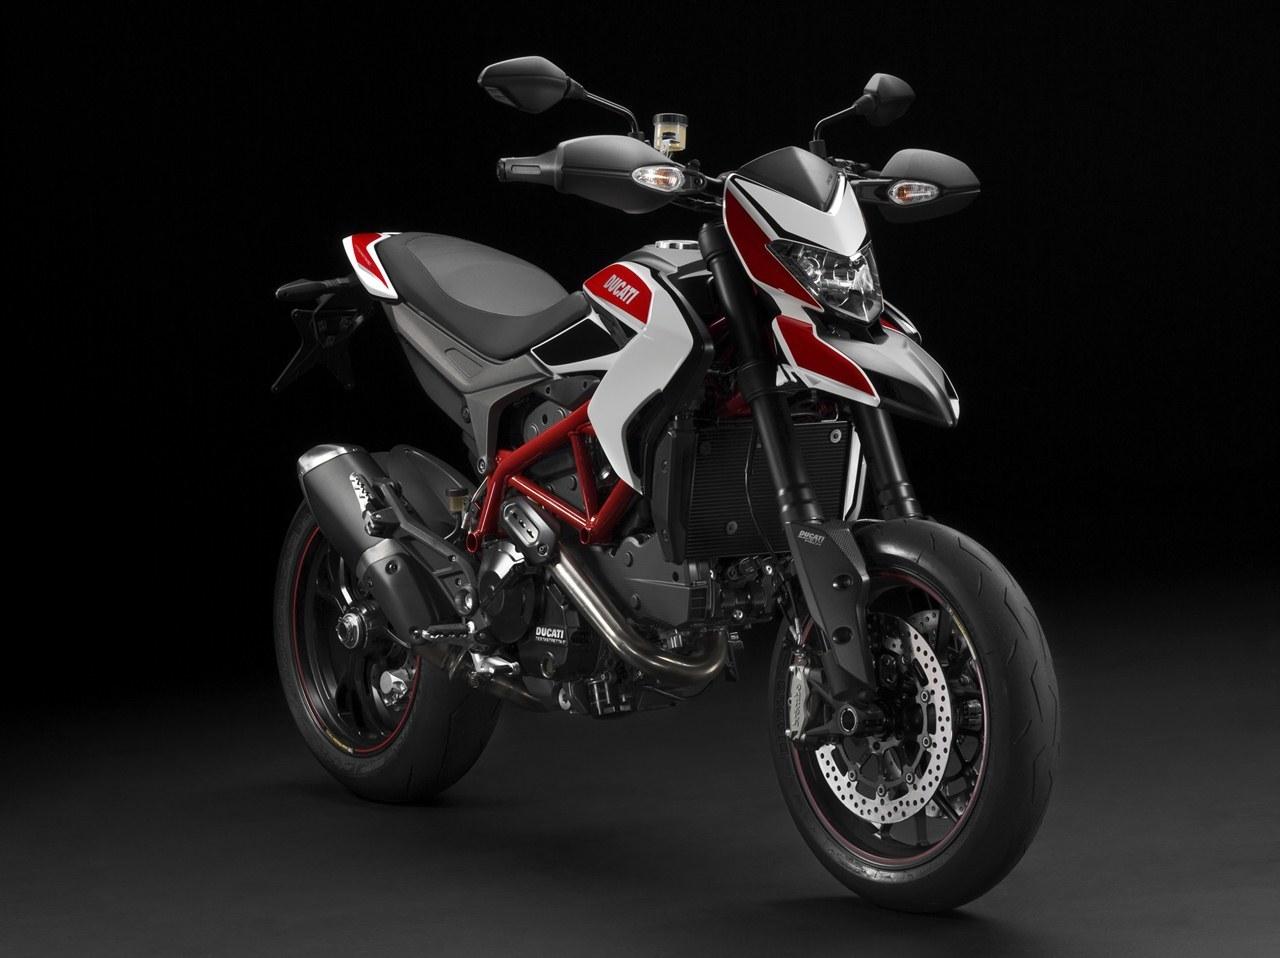 Foto de Ducati Hypermotard, Hypermotard SP e Hyperstrada (17/19)